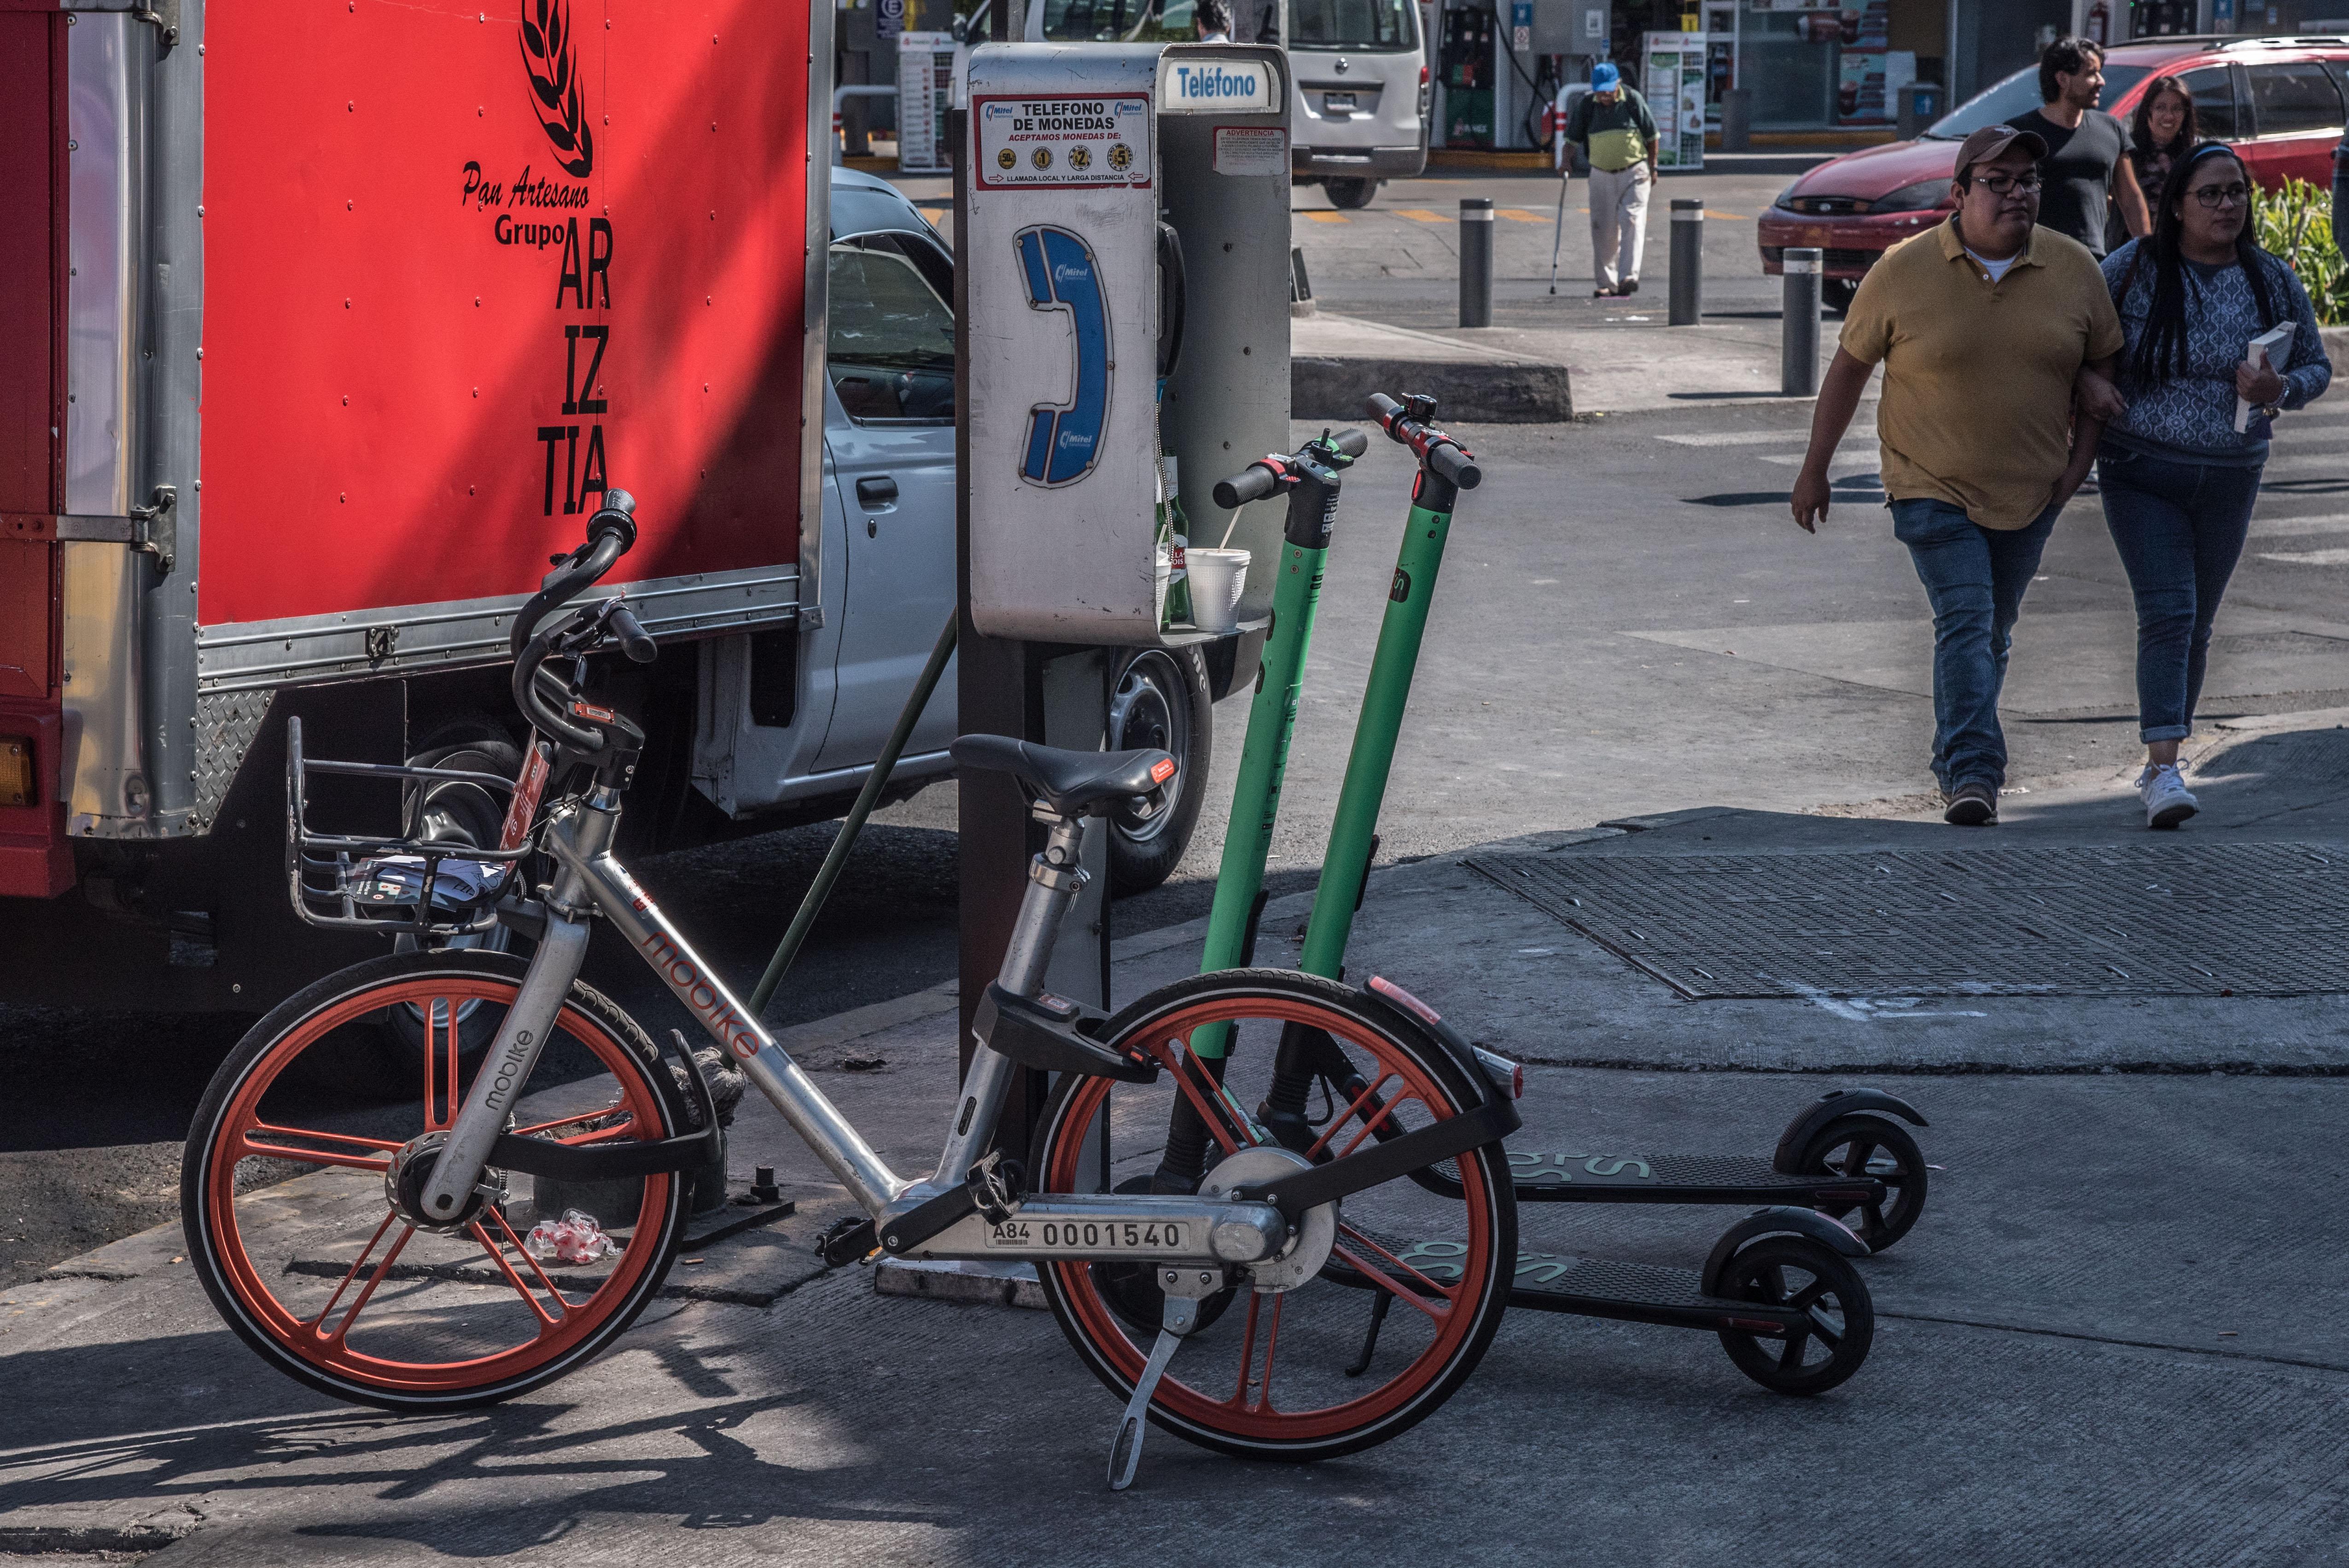 """El servicio de préstamo de bicicletas y patines """"scooters"""" han generado descontento en algunos sectores debido a la obstrucción en las vías públicas (FOTO: CUARTOSCURO)"""